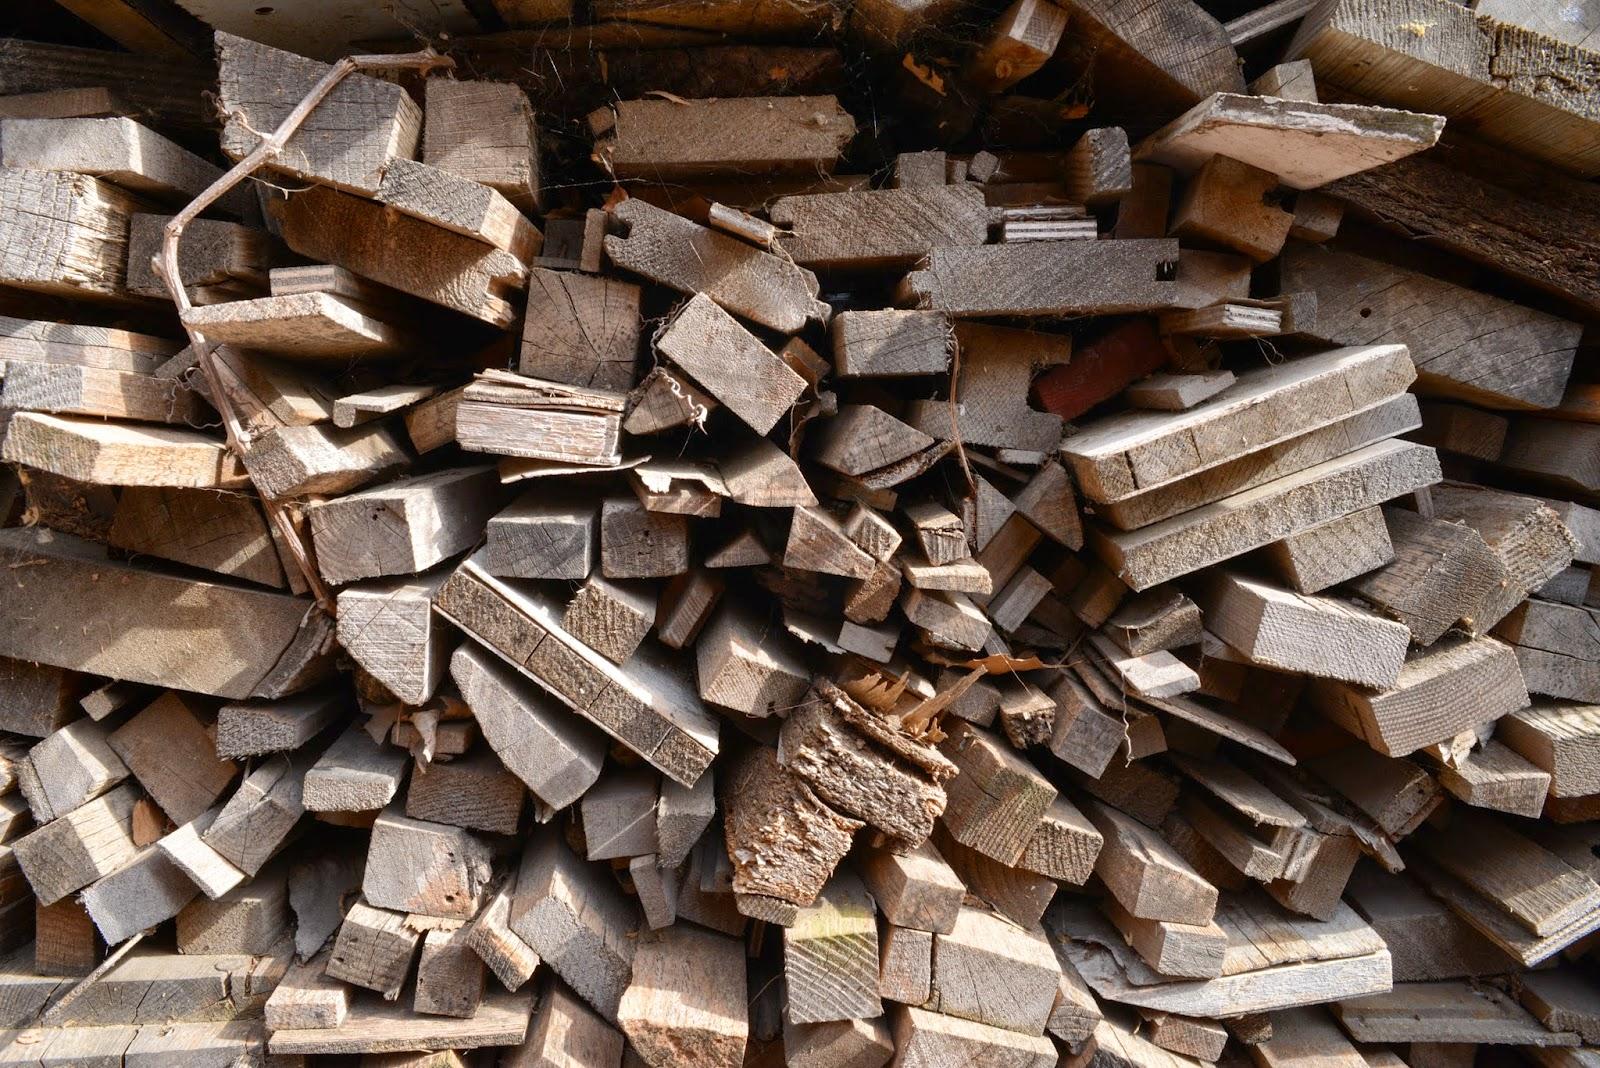 Menuiserie du roucas beno t parent lot de bois stere chutes bois bois de chauffage - Stere de bois ...